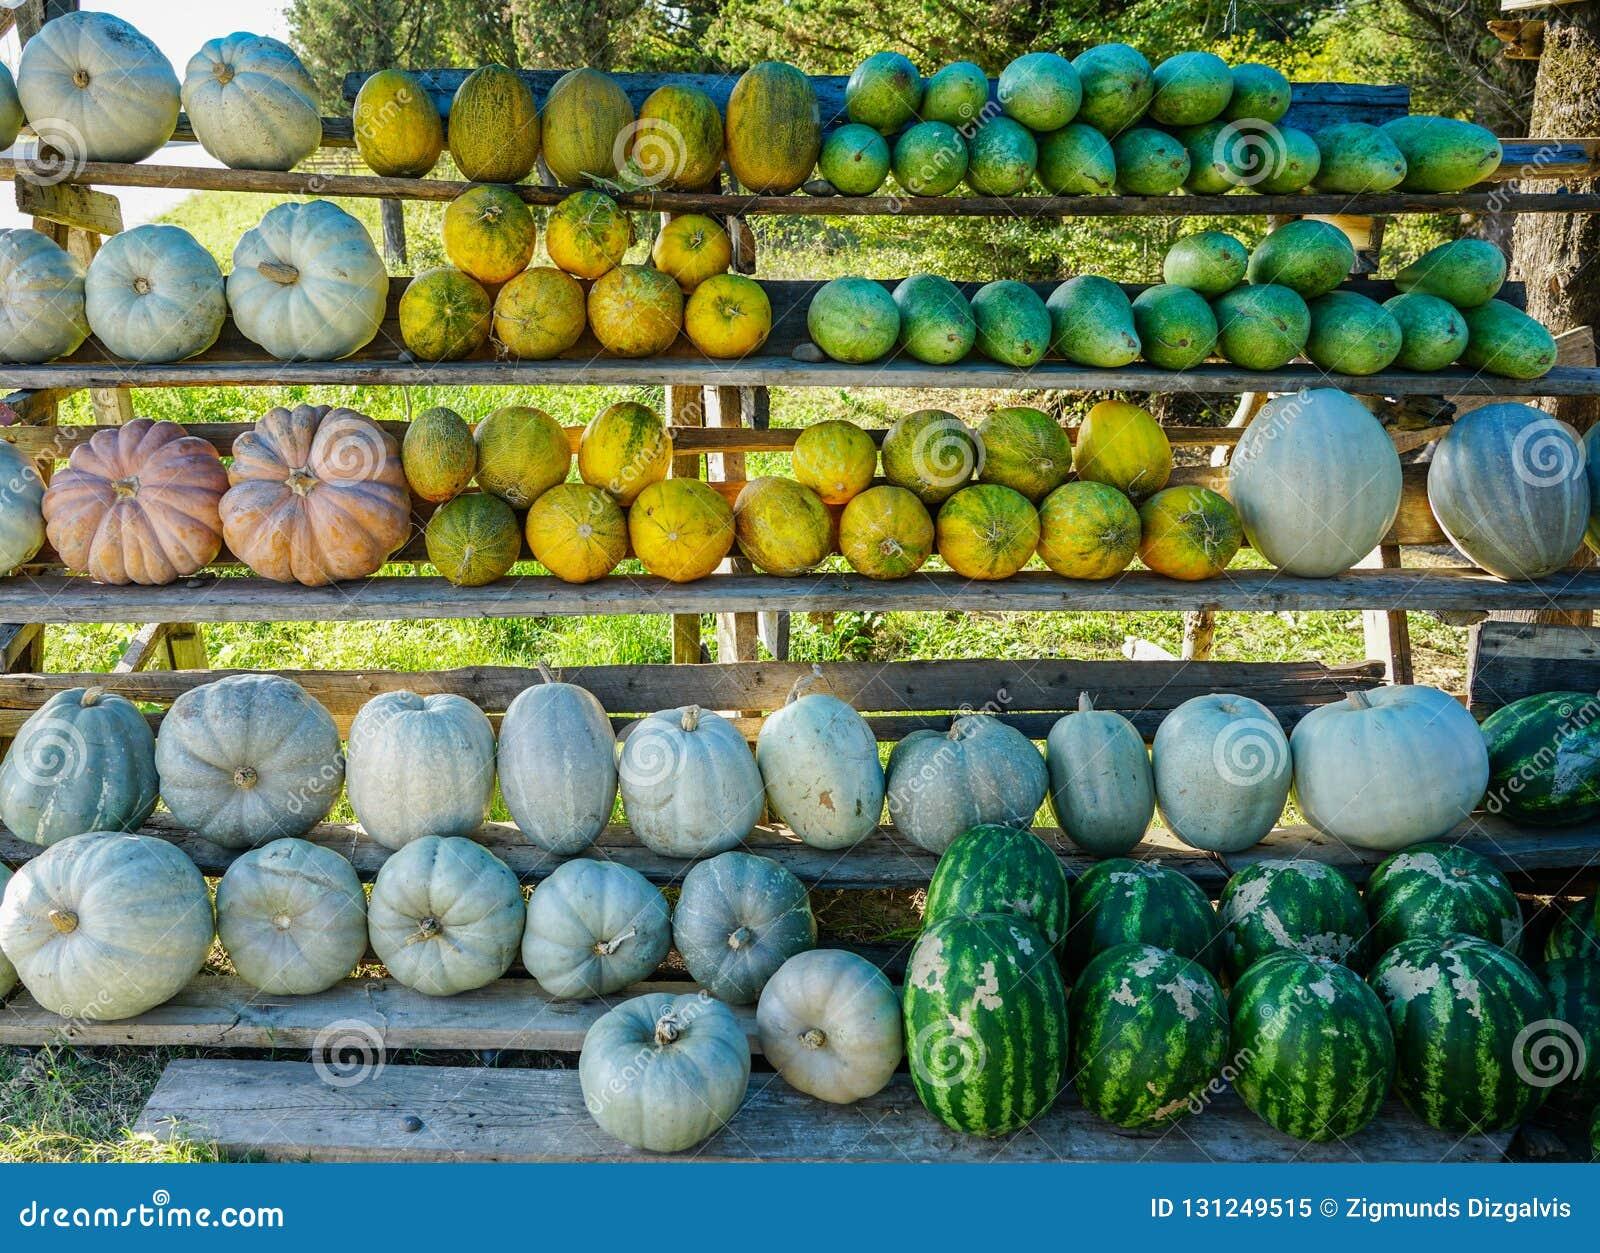 Melões, melancias e abóboras no mercado da borda da estrada